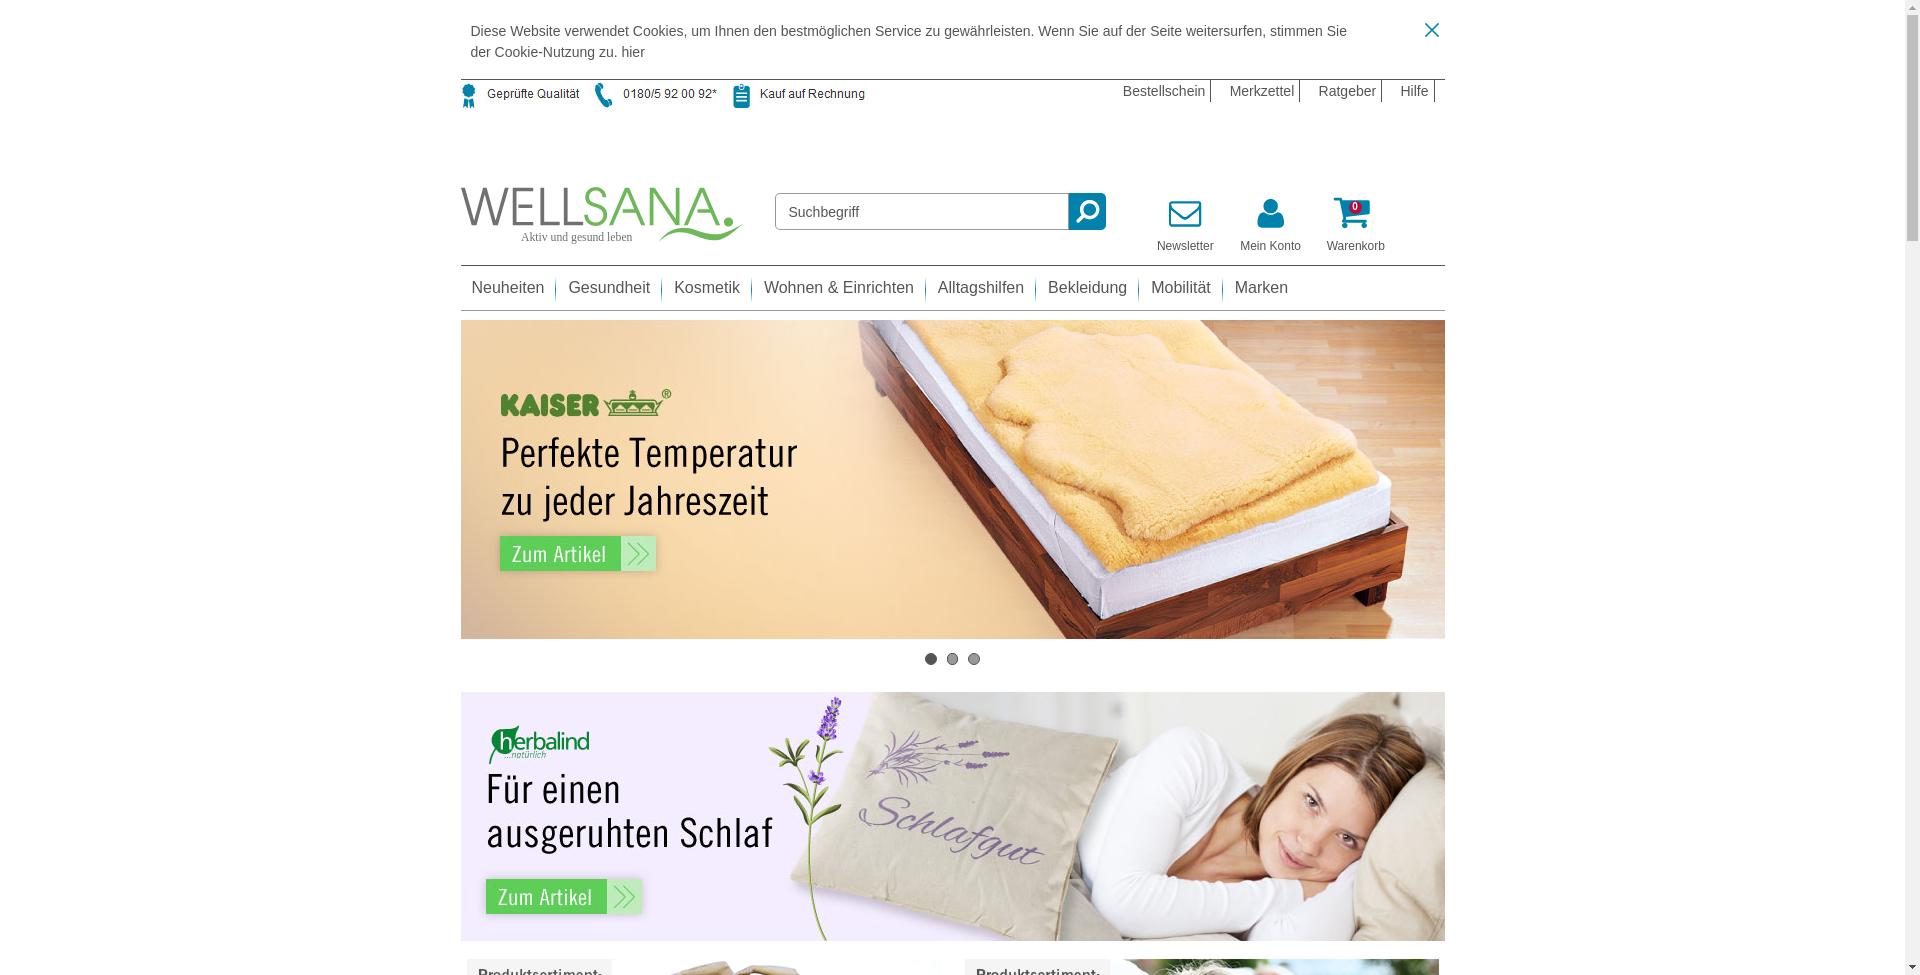 Wellsana